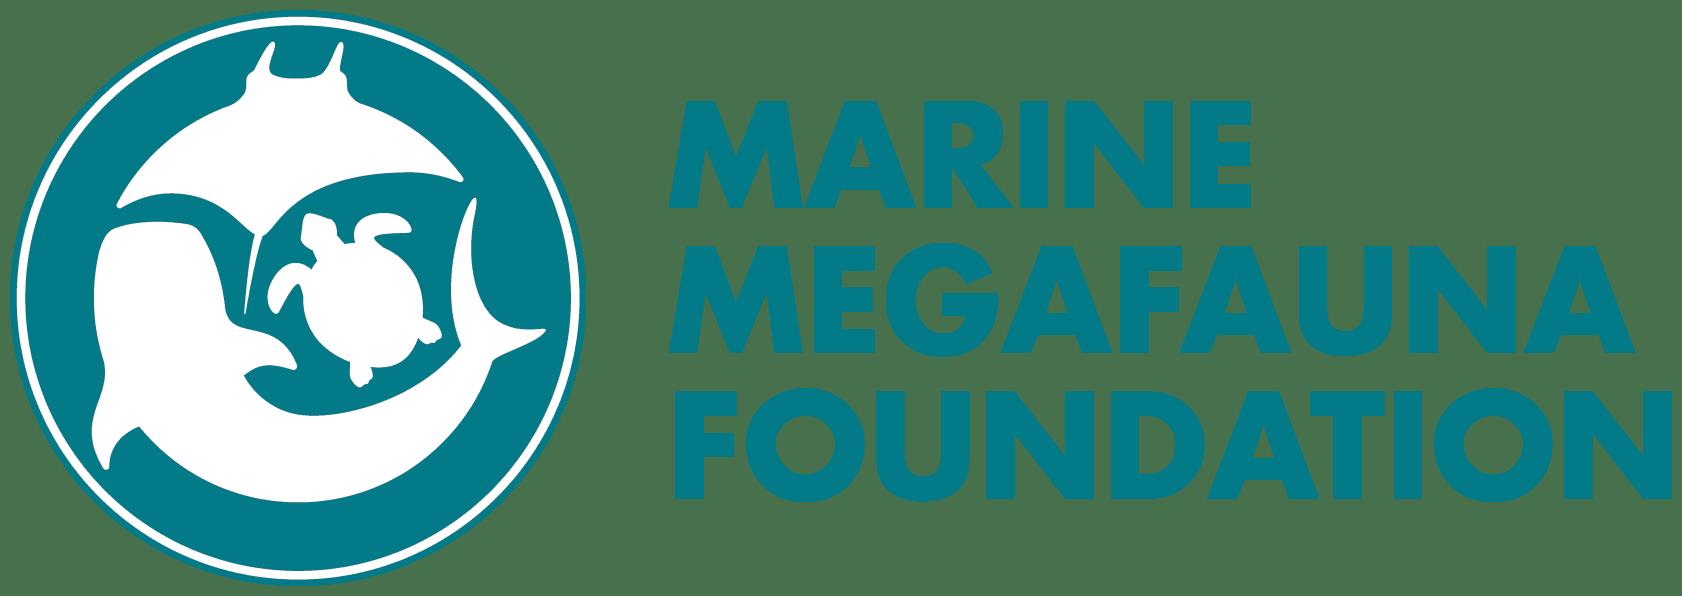 Marine Megafauna Foundation